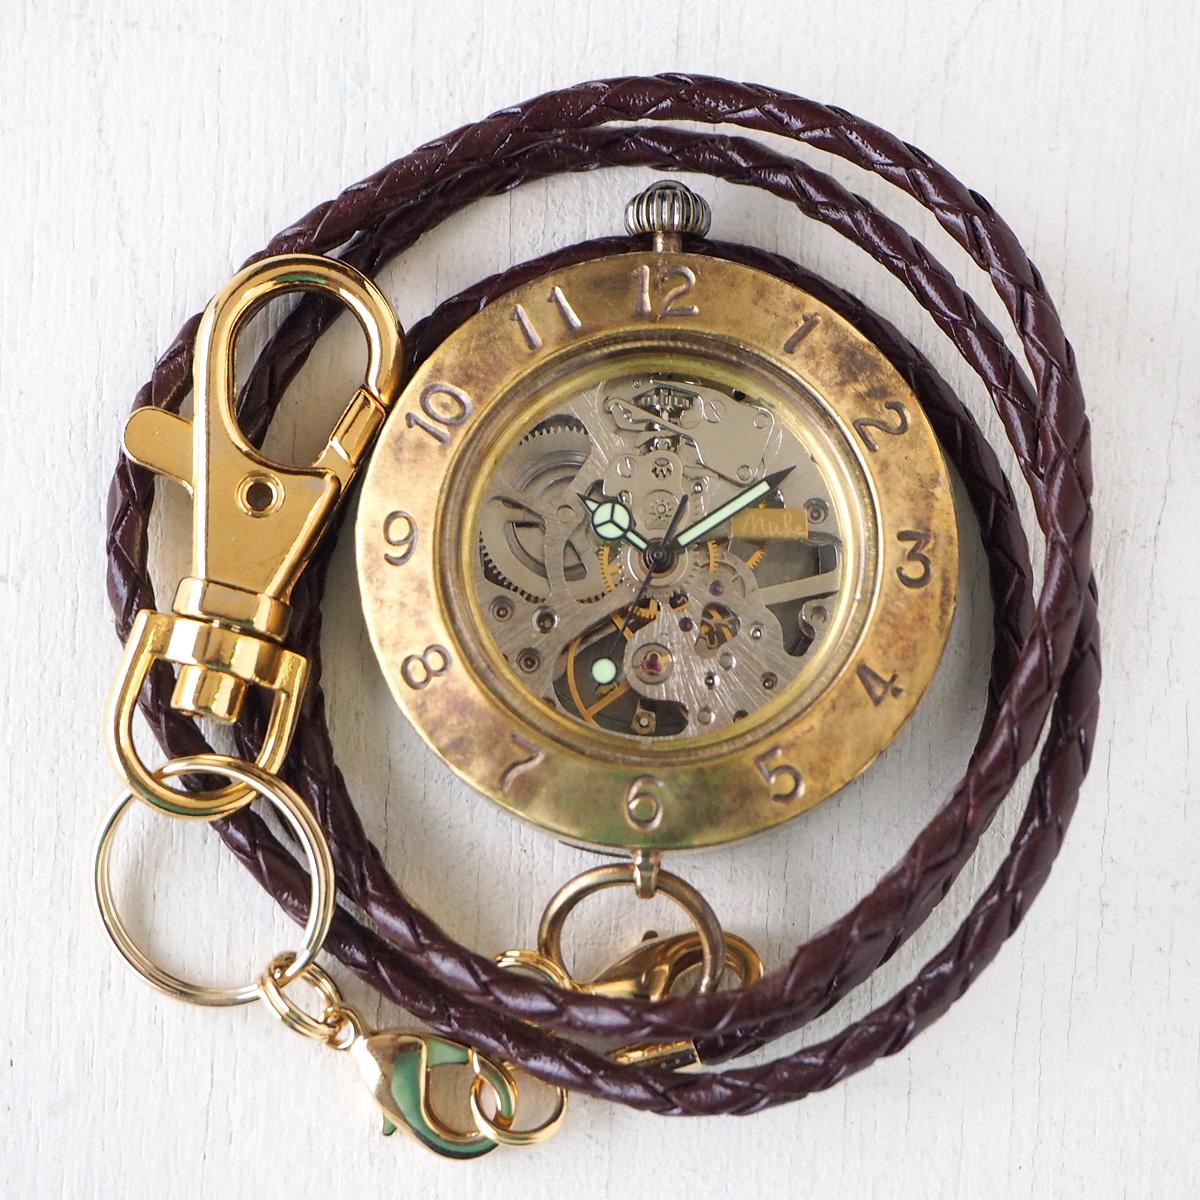 渡辺工房 手作り懐中時計 手巻き裏スケルトン ジャンボブラス 40mm [NW-BHW111]